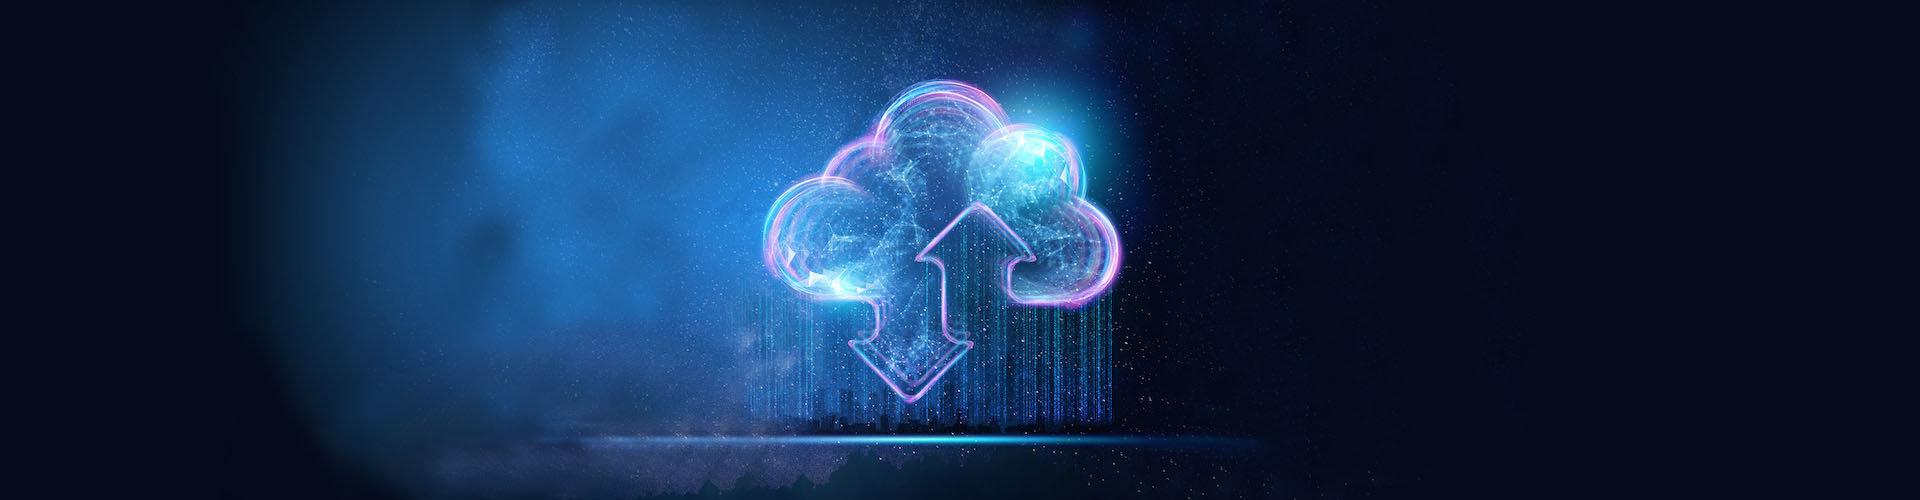 roommaster-cloud-top.jpg